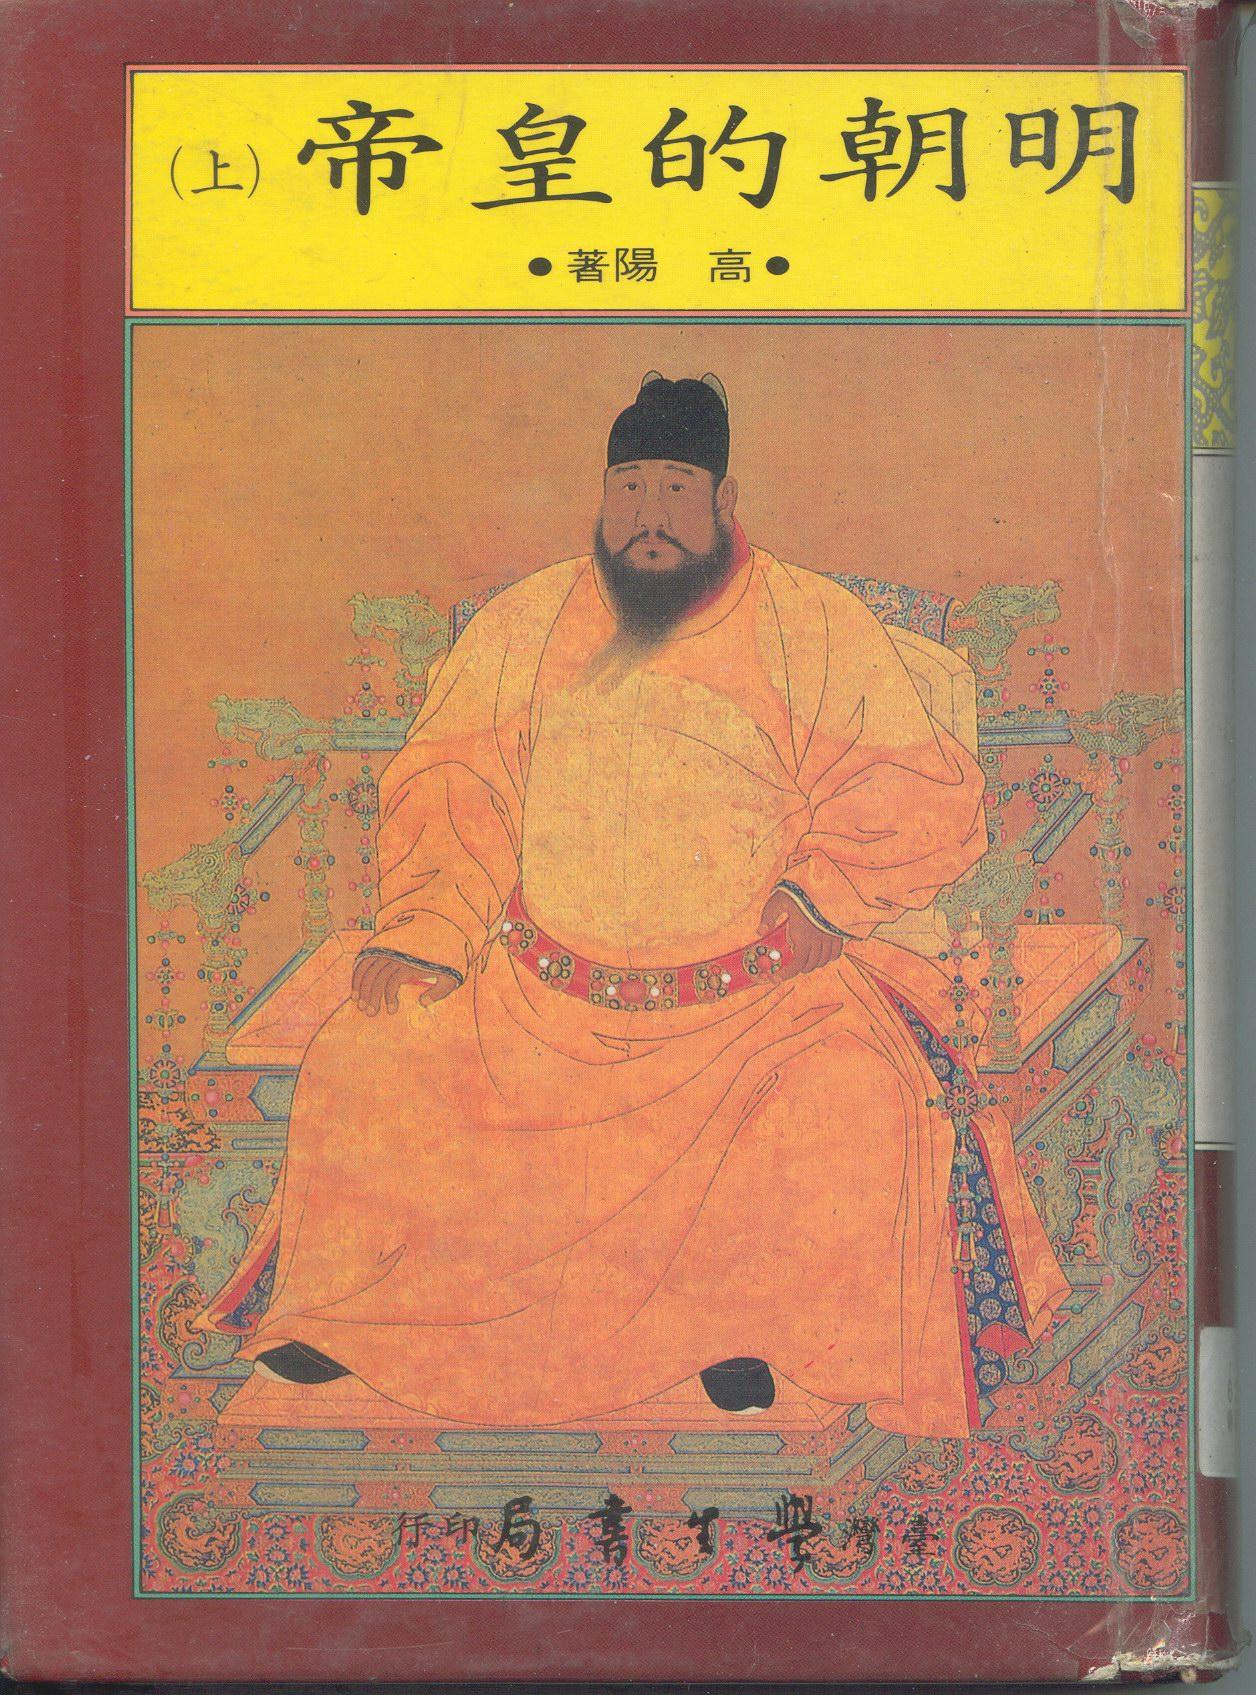 明朝的皇帝